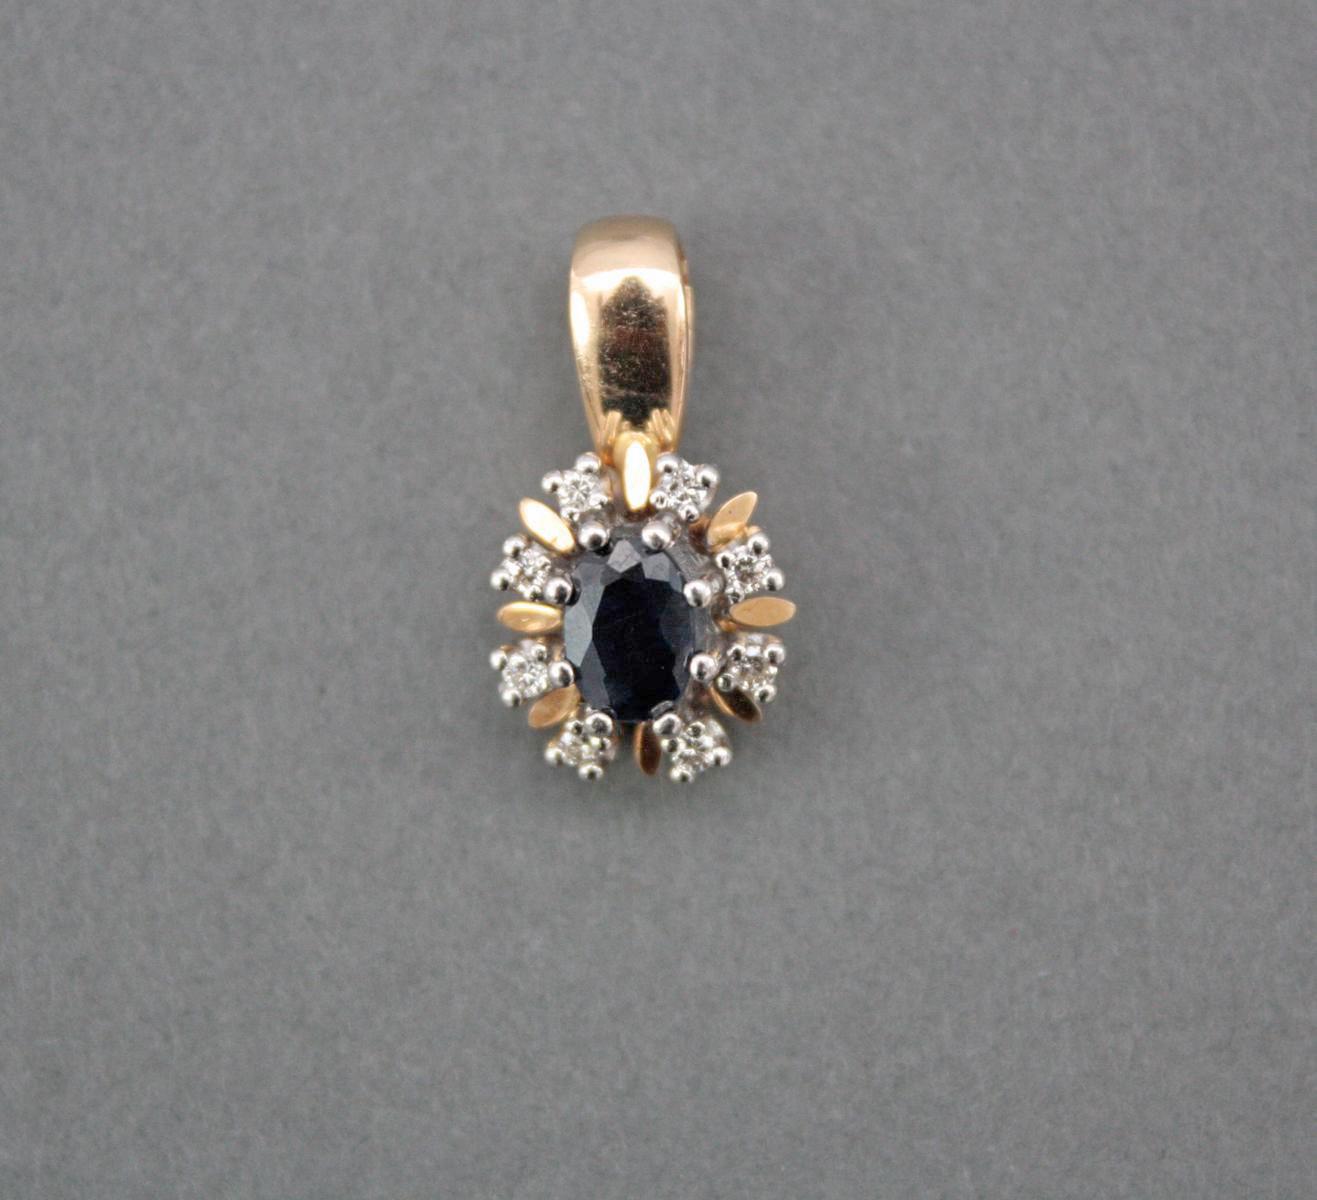 Anhänger mit Saphir und Diamanten, 14 Karat Gelbgold